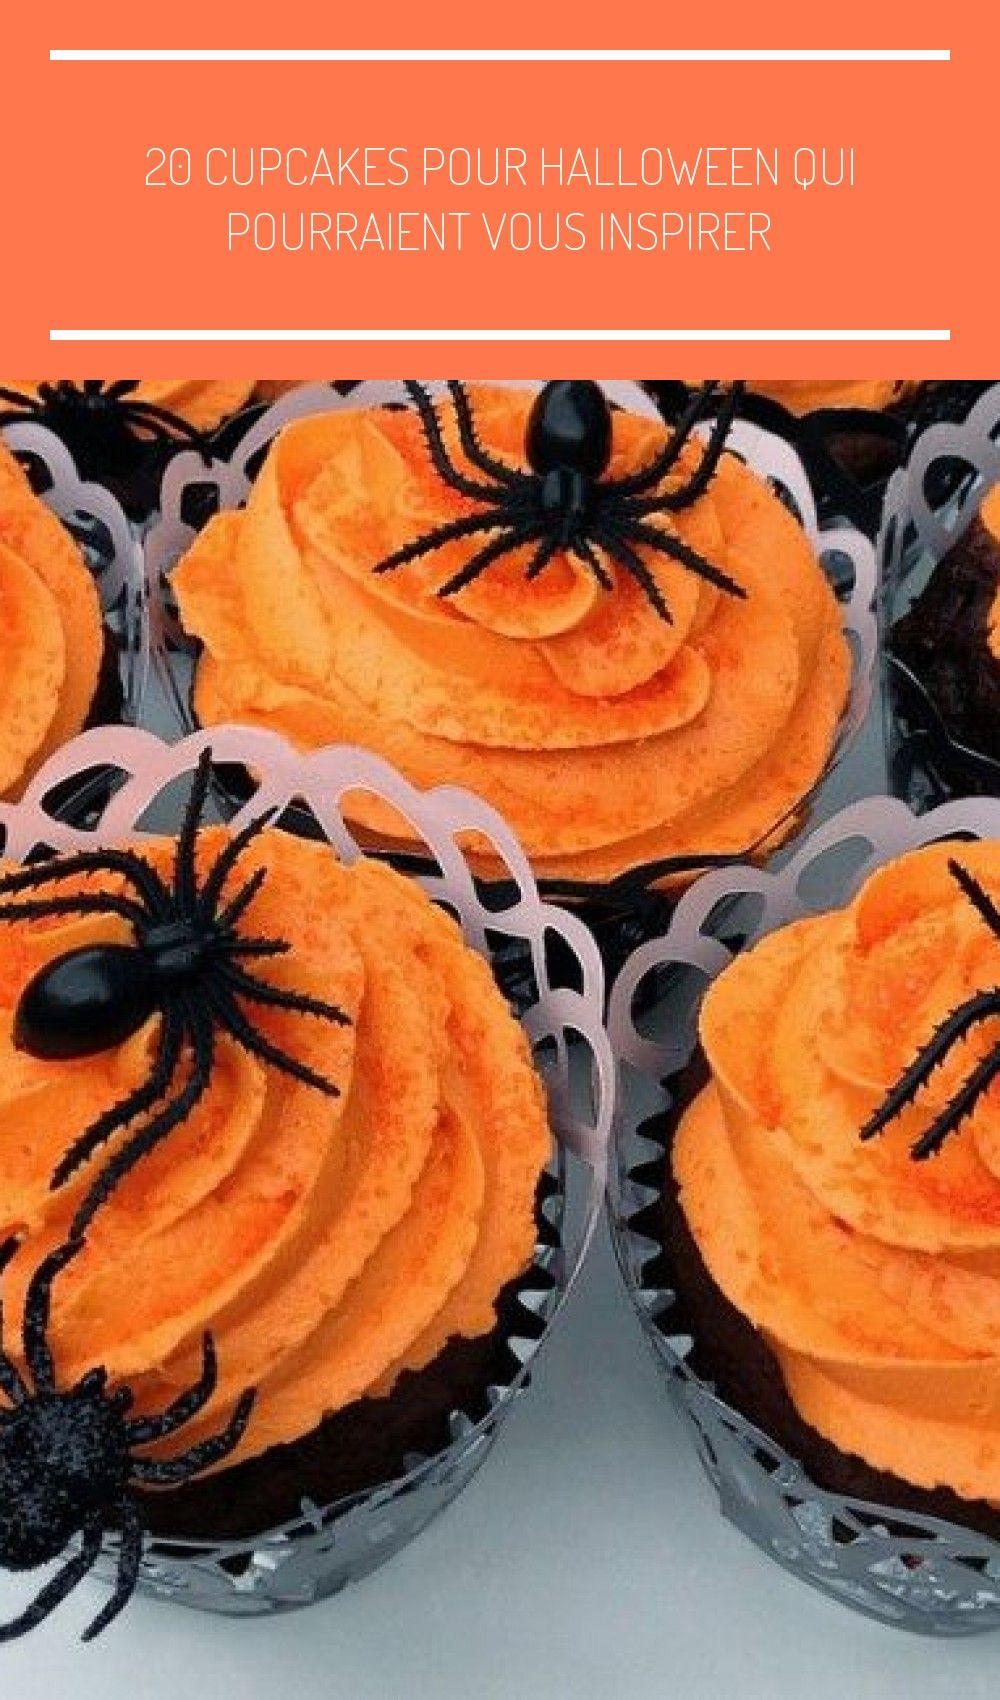 20 Cupcakes pour Halloween qui Pourraient vous Inspirer  Chambre237 halloween gateau 20 Cupcakes pour Halloween qui Pourraient vous Inspirer